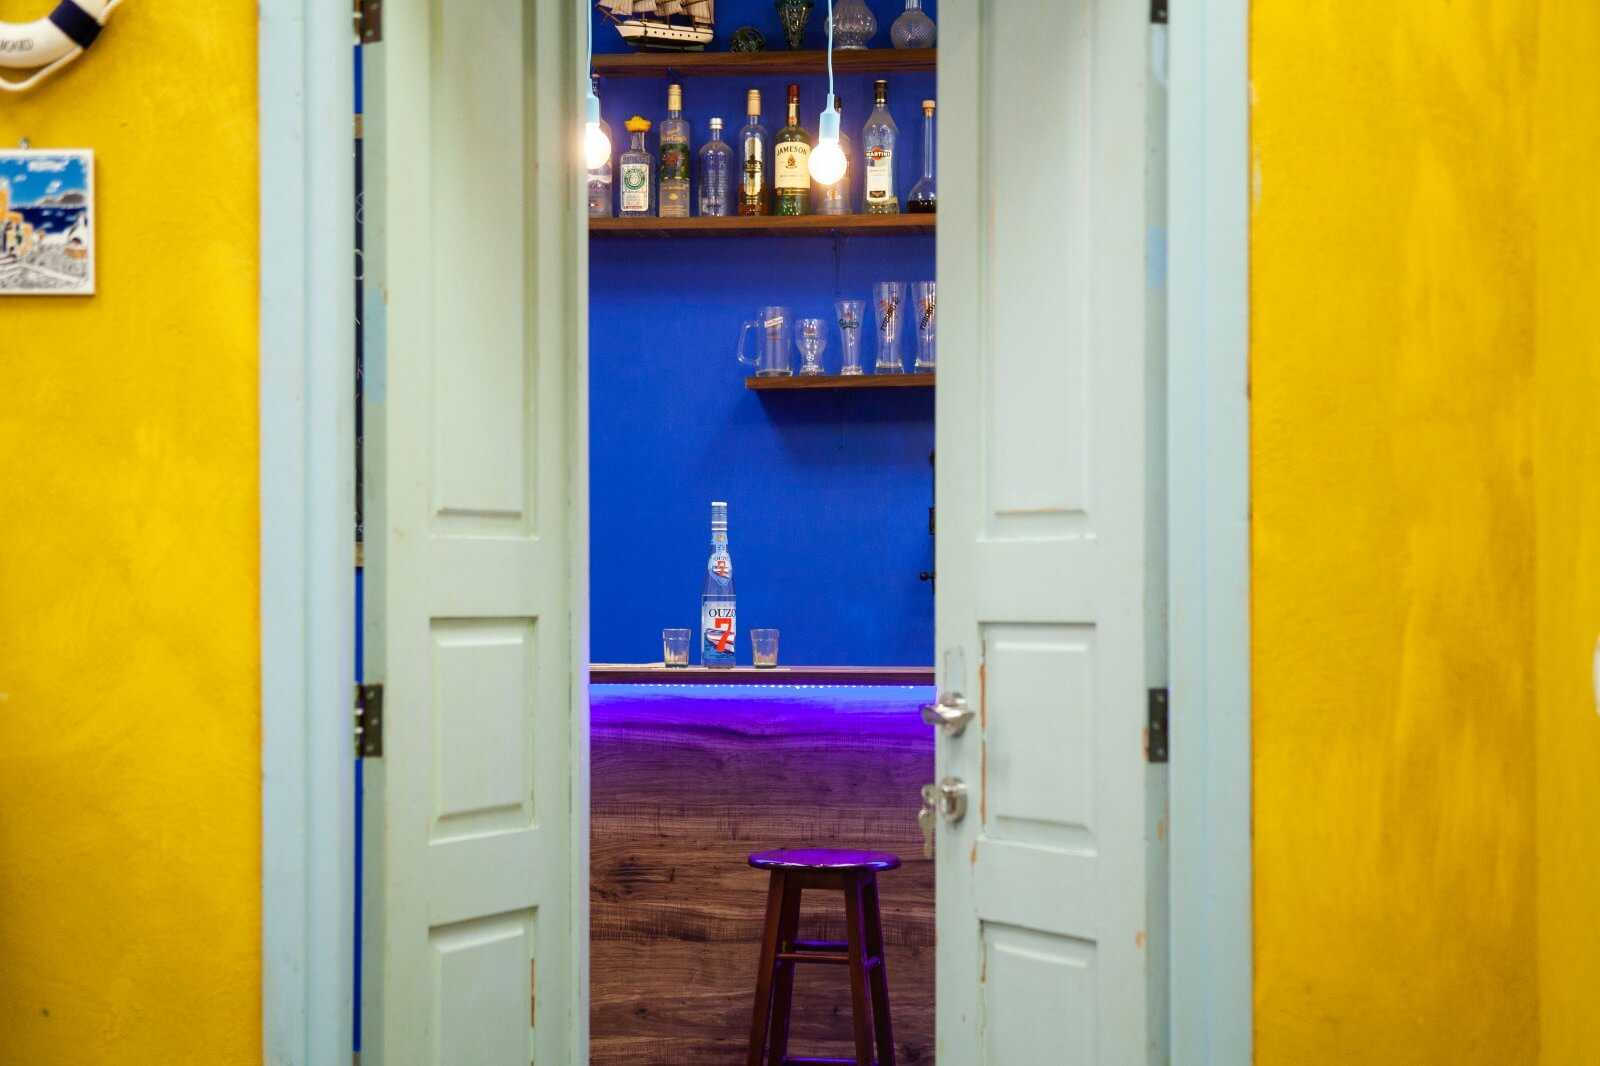 הג'וב היווני - חדר בריחה ואירועים - חיפה